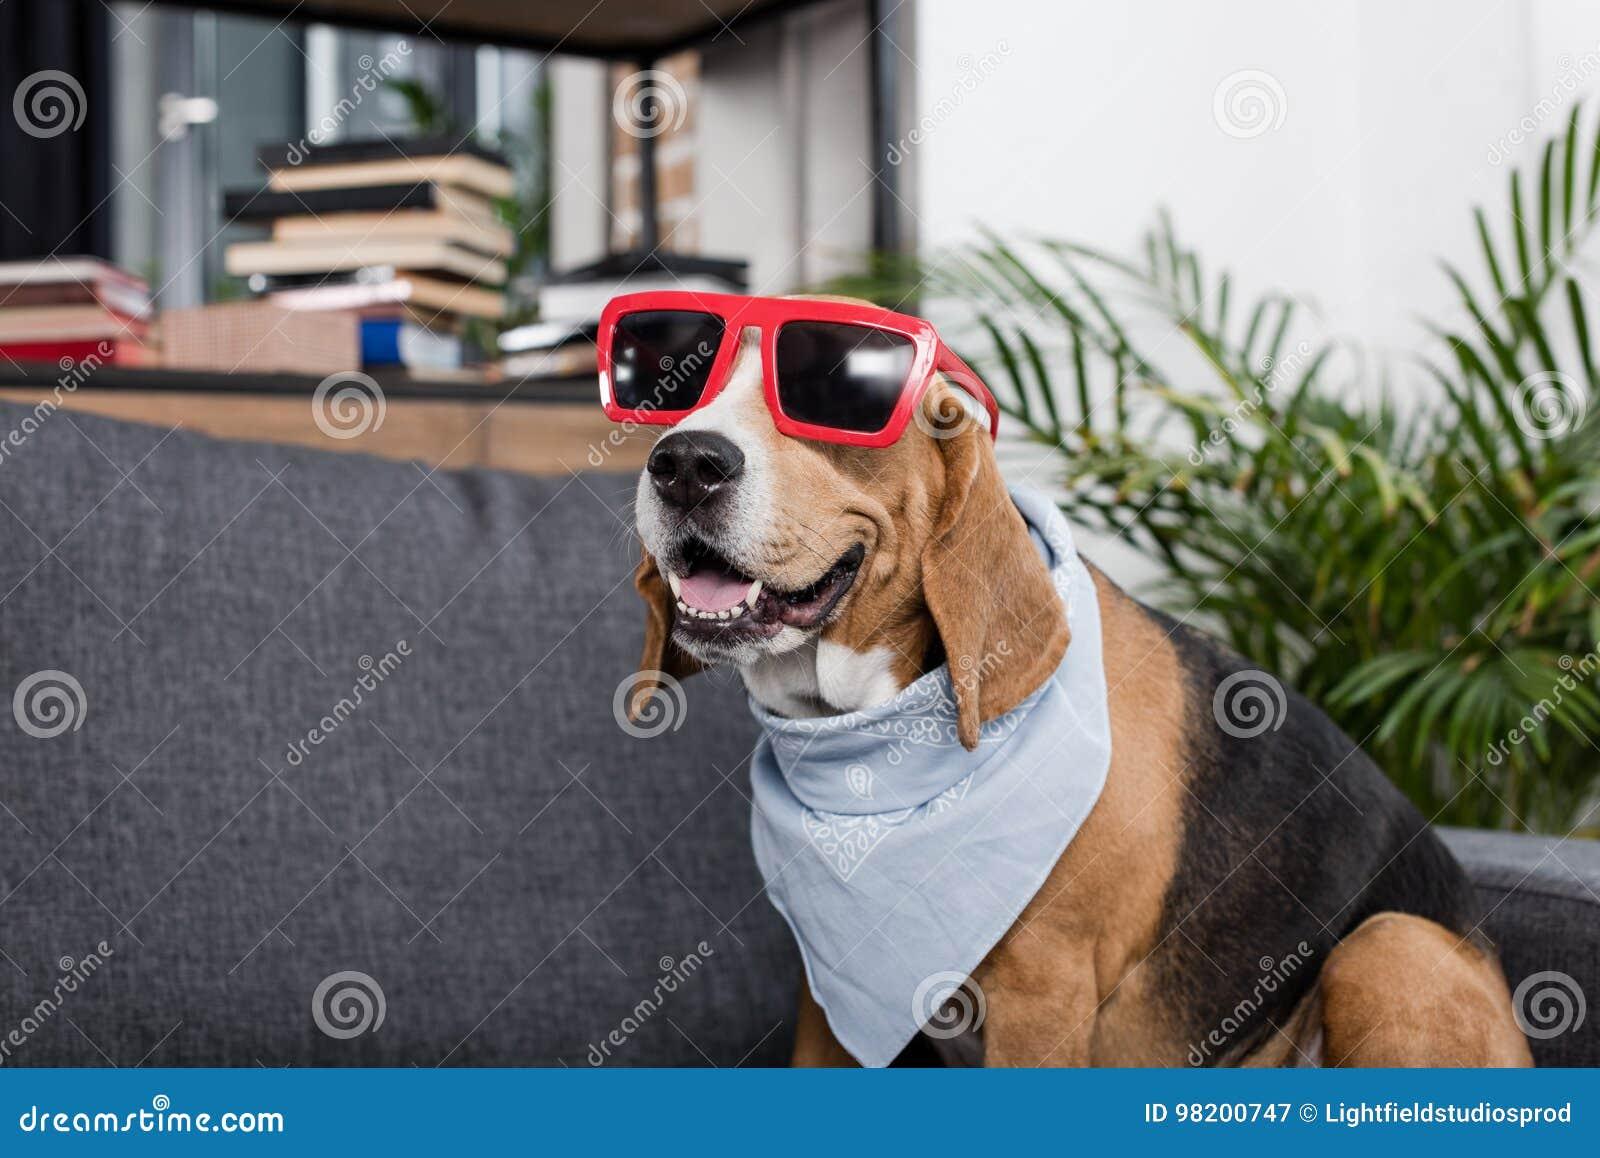 Download Собака бигля в красных солнечных очках и Bandana сидя на софе Стоковое Изображение - изображение насчитывающей портрет, меховой: 98200747